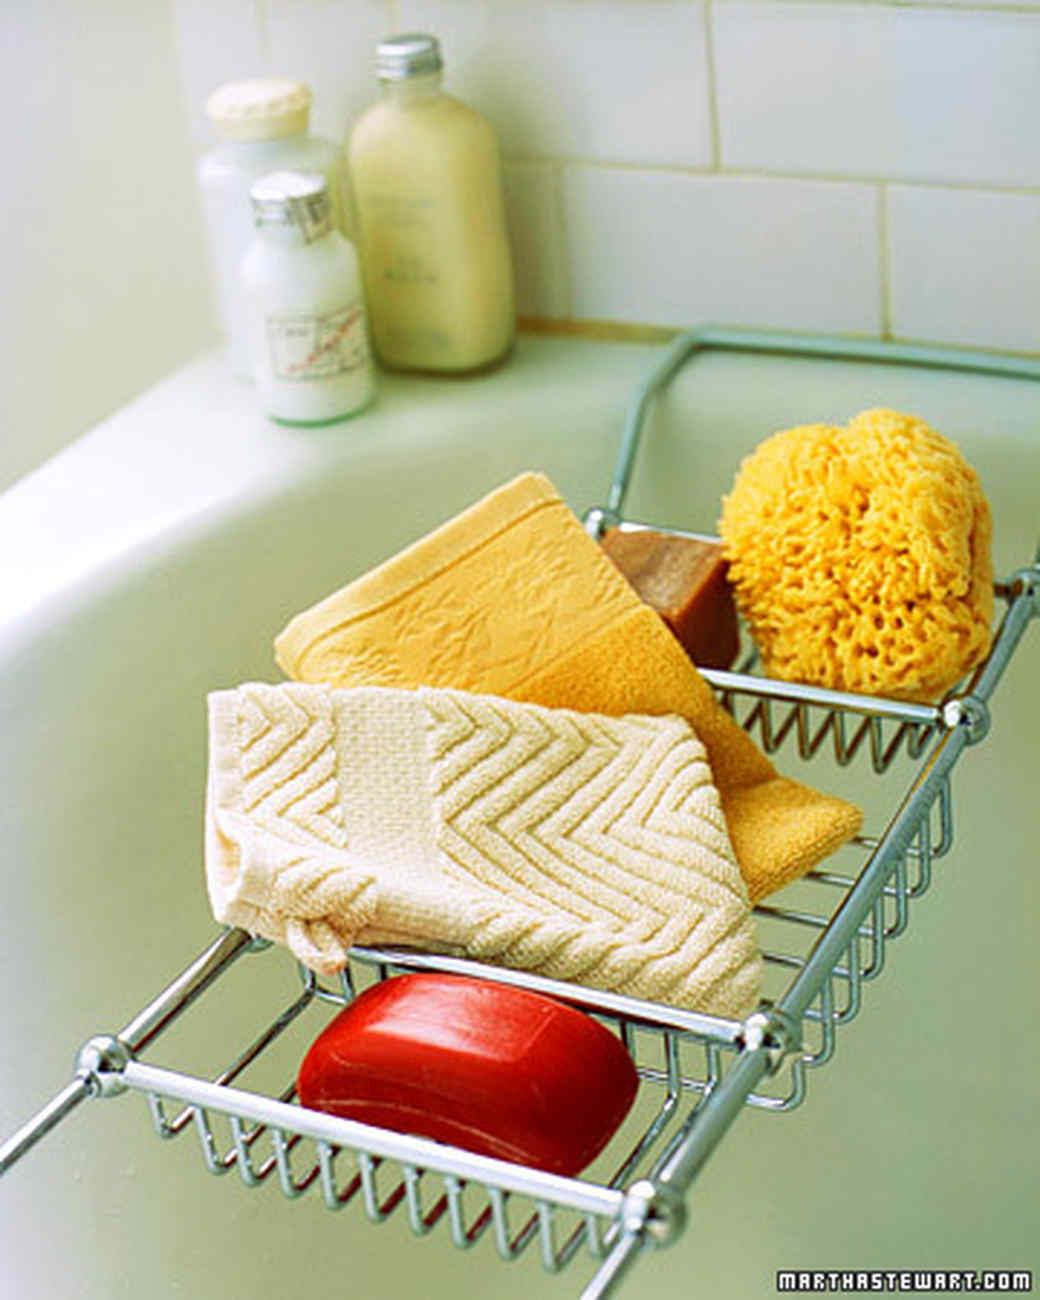 Washcloth Mitt